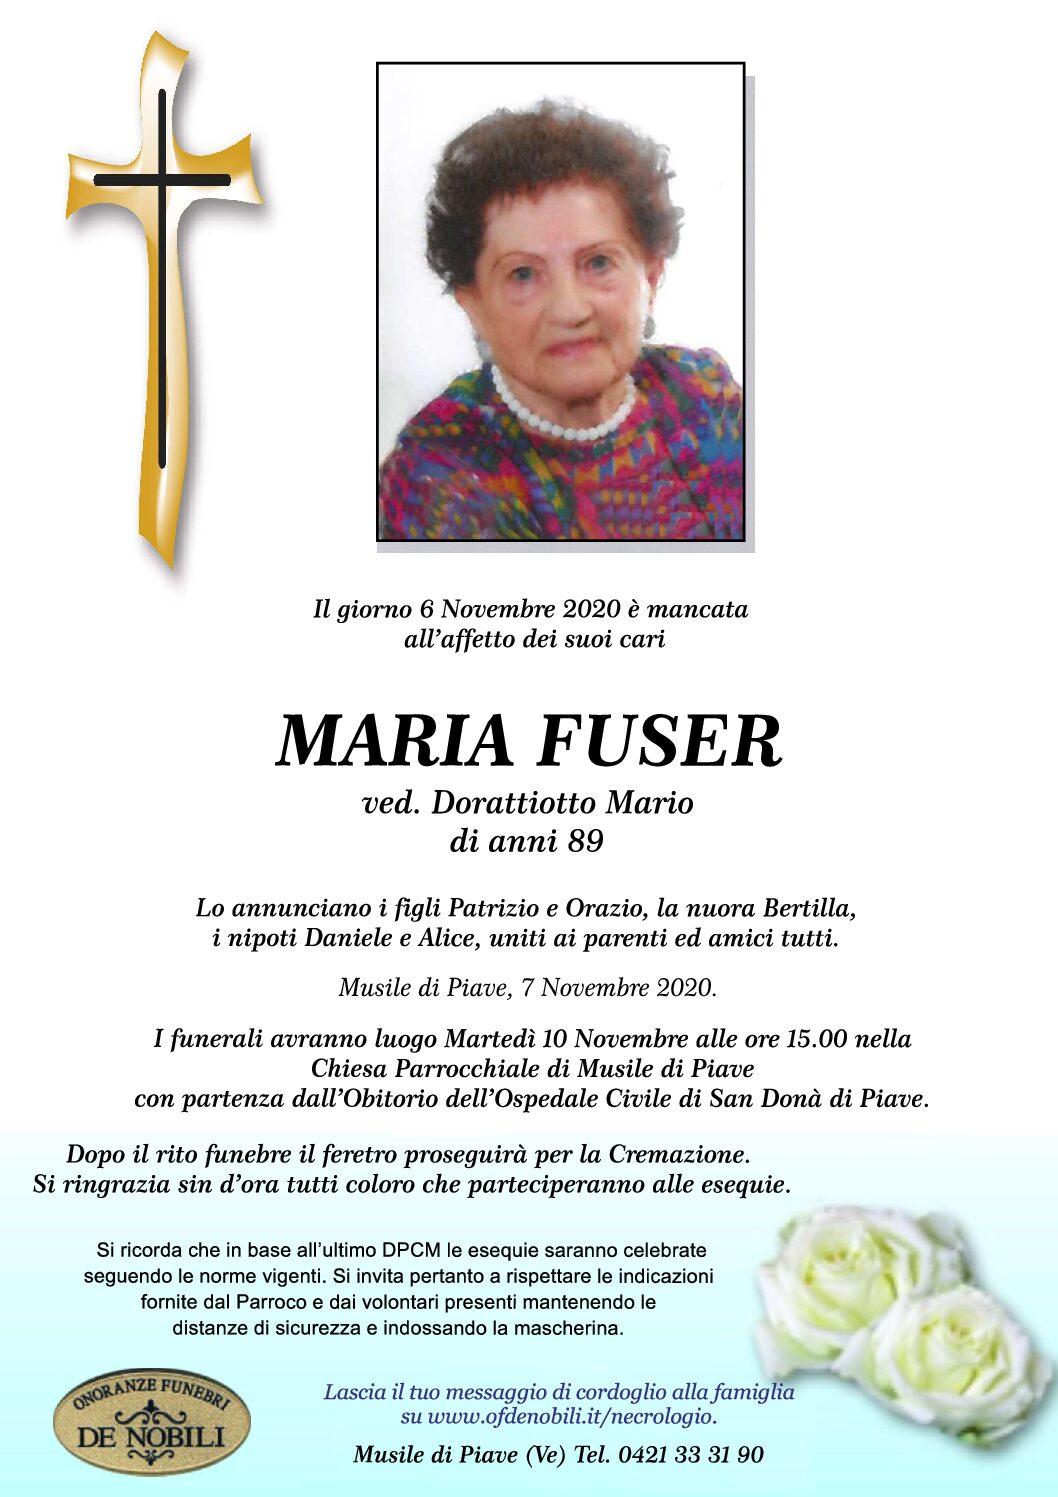 Maria Fuser